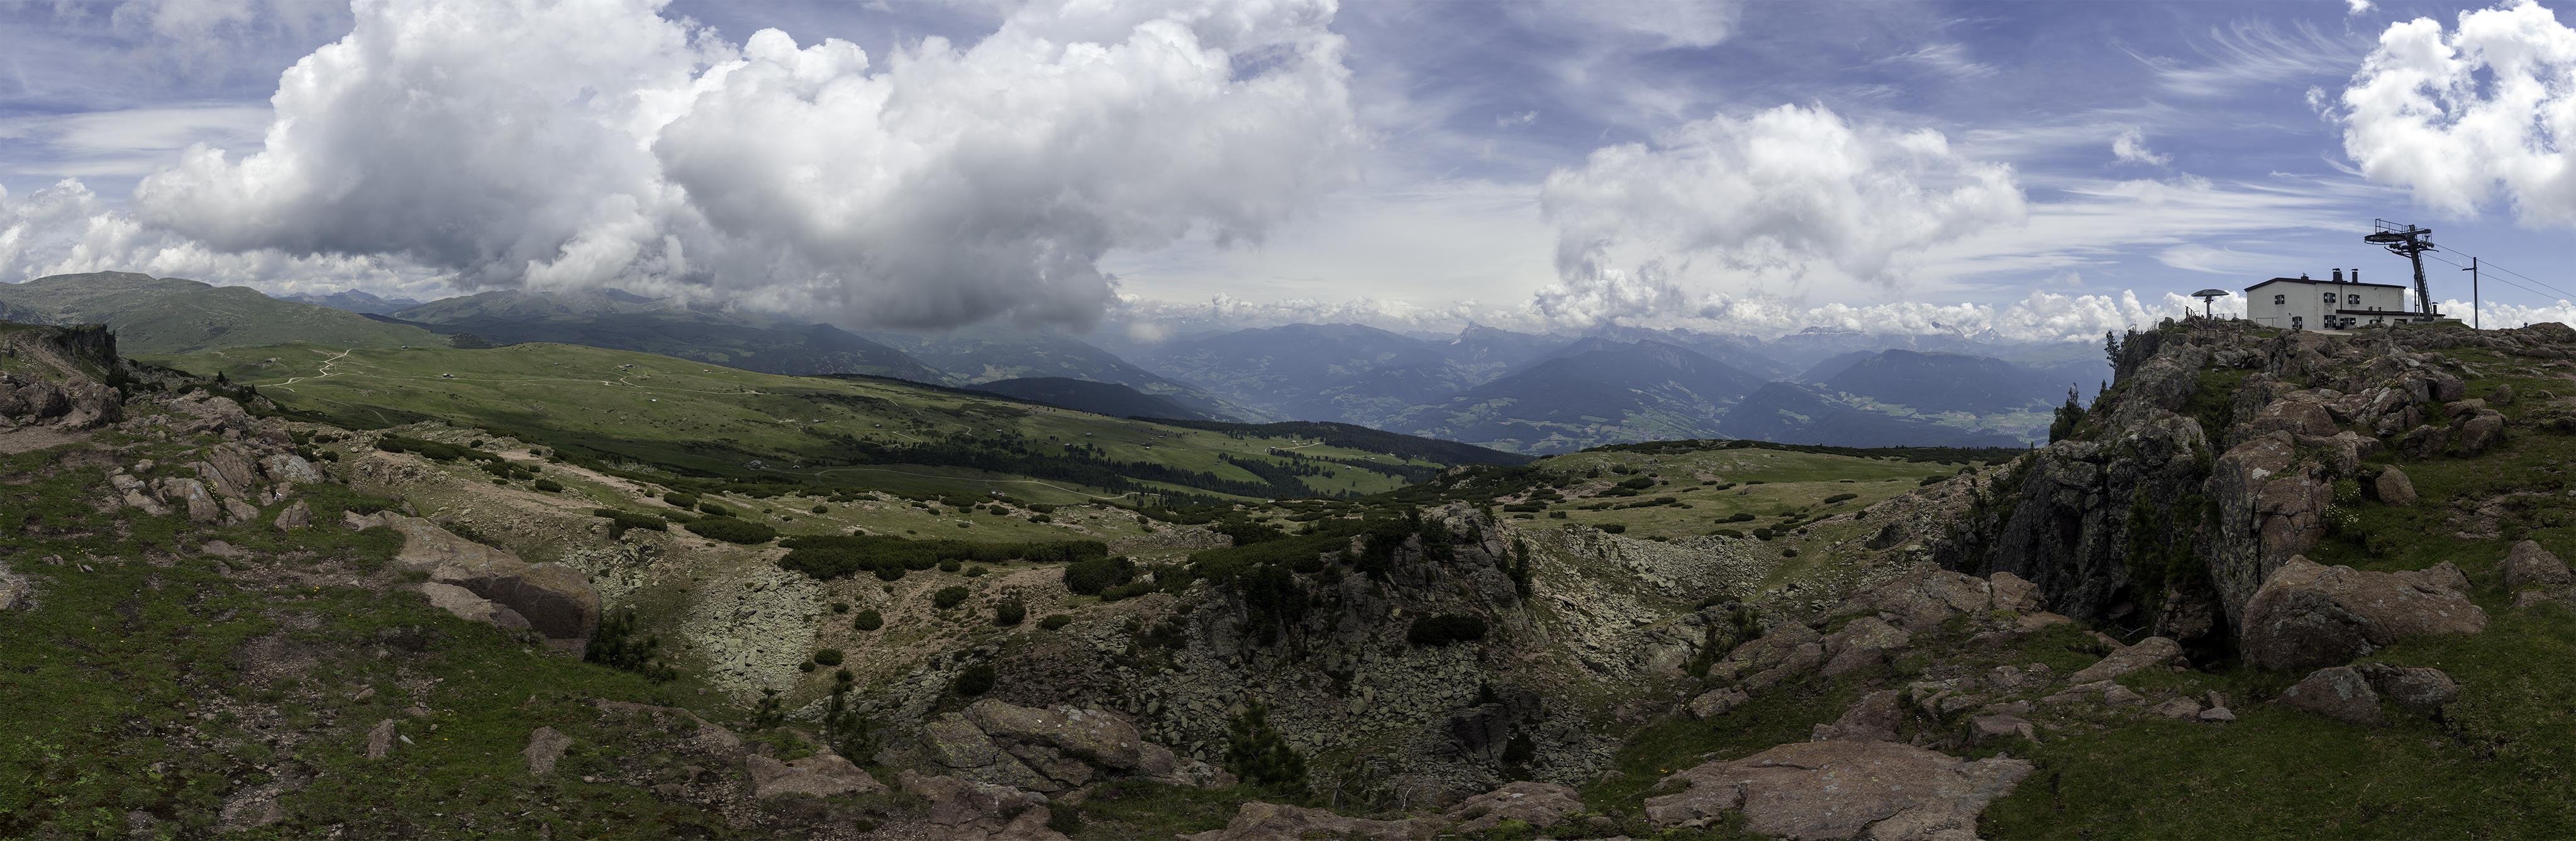 Rittner Horn, Corno del Renon, 2260m, Italy